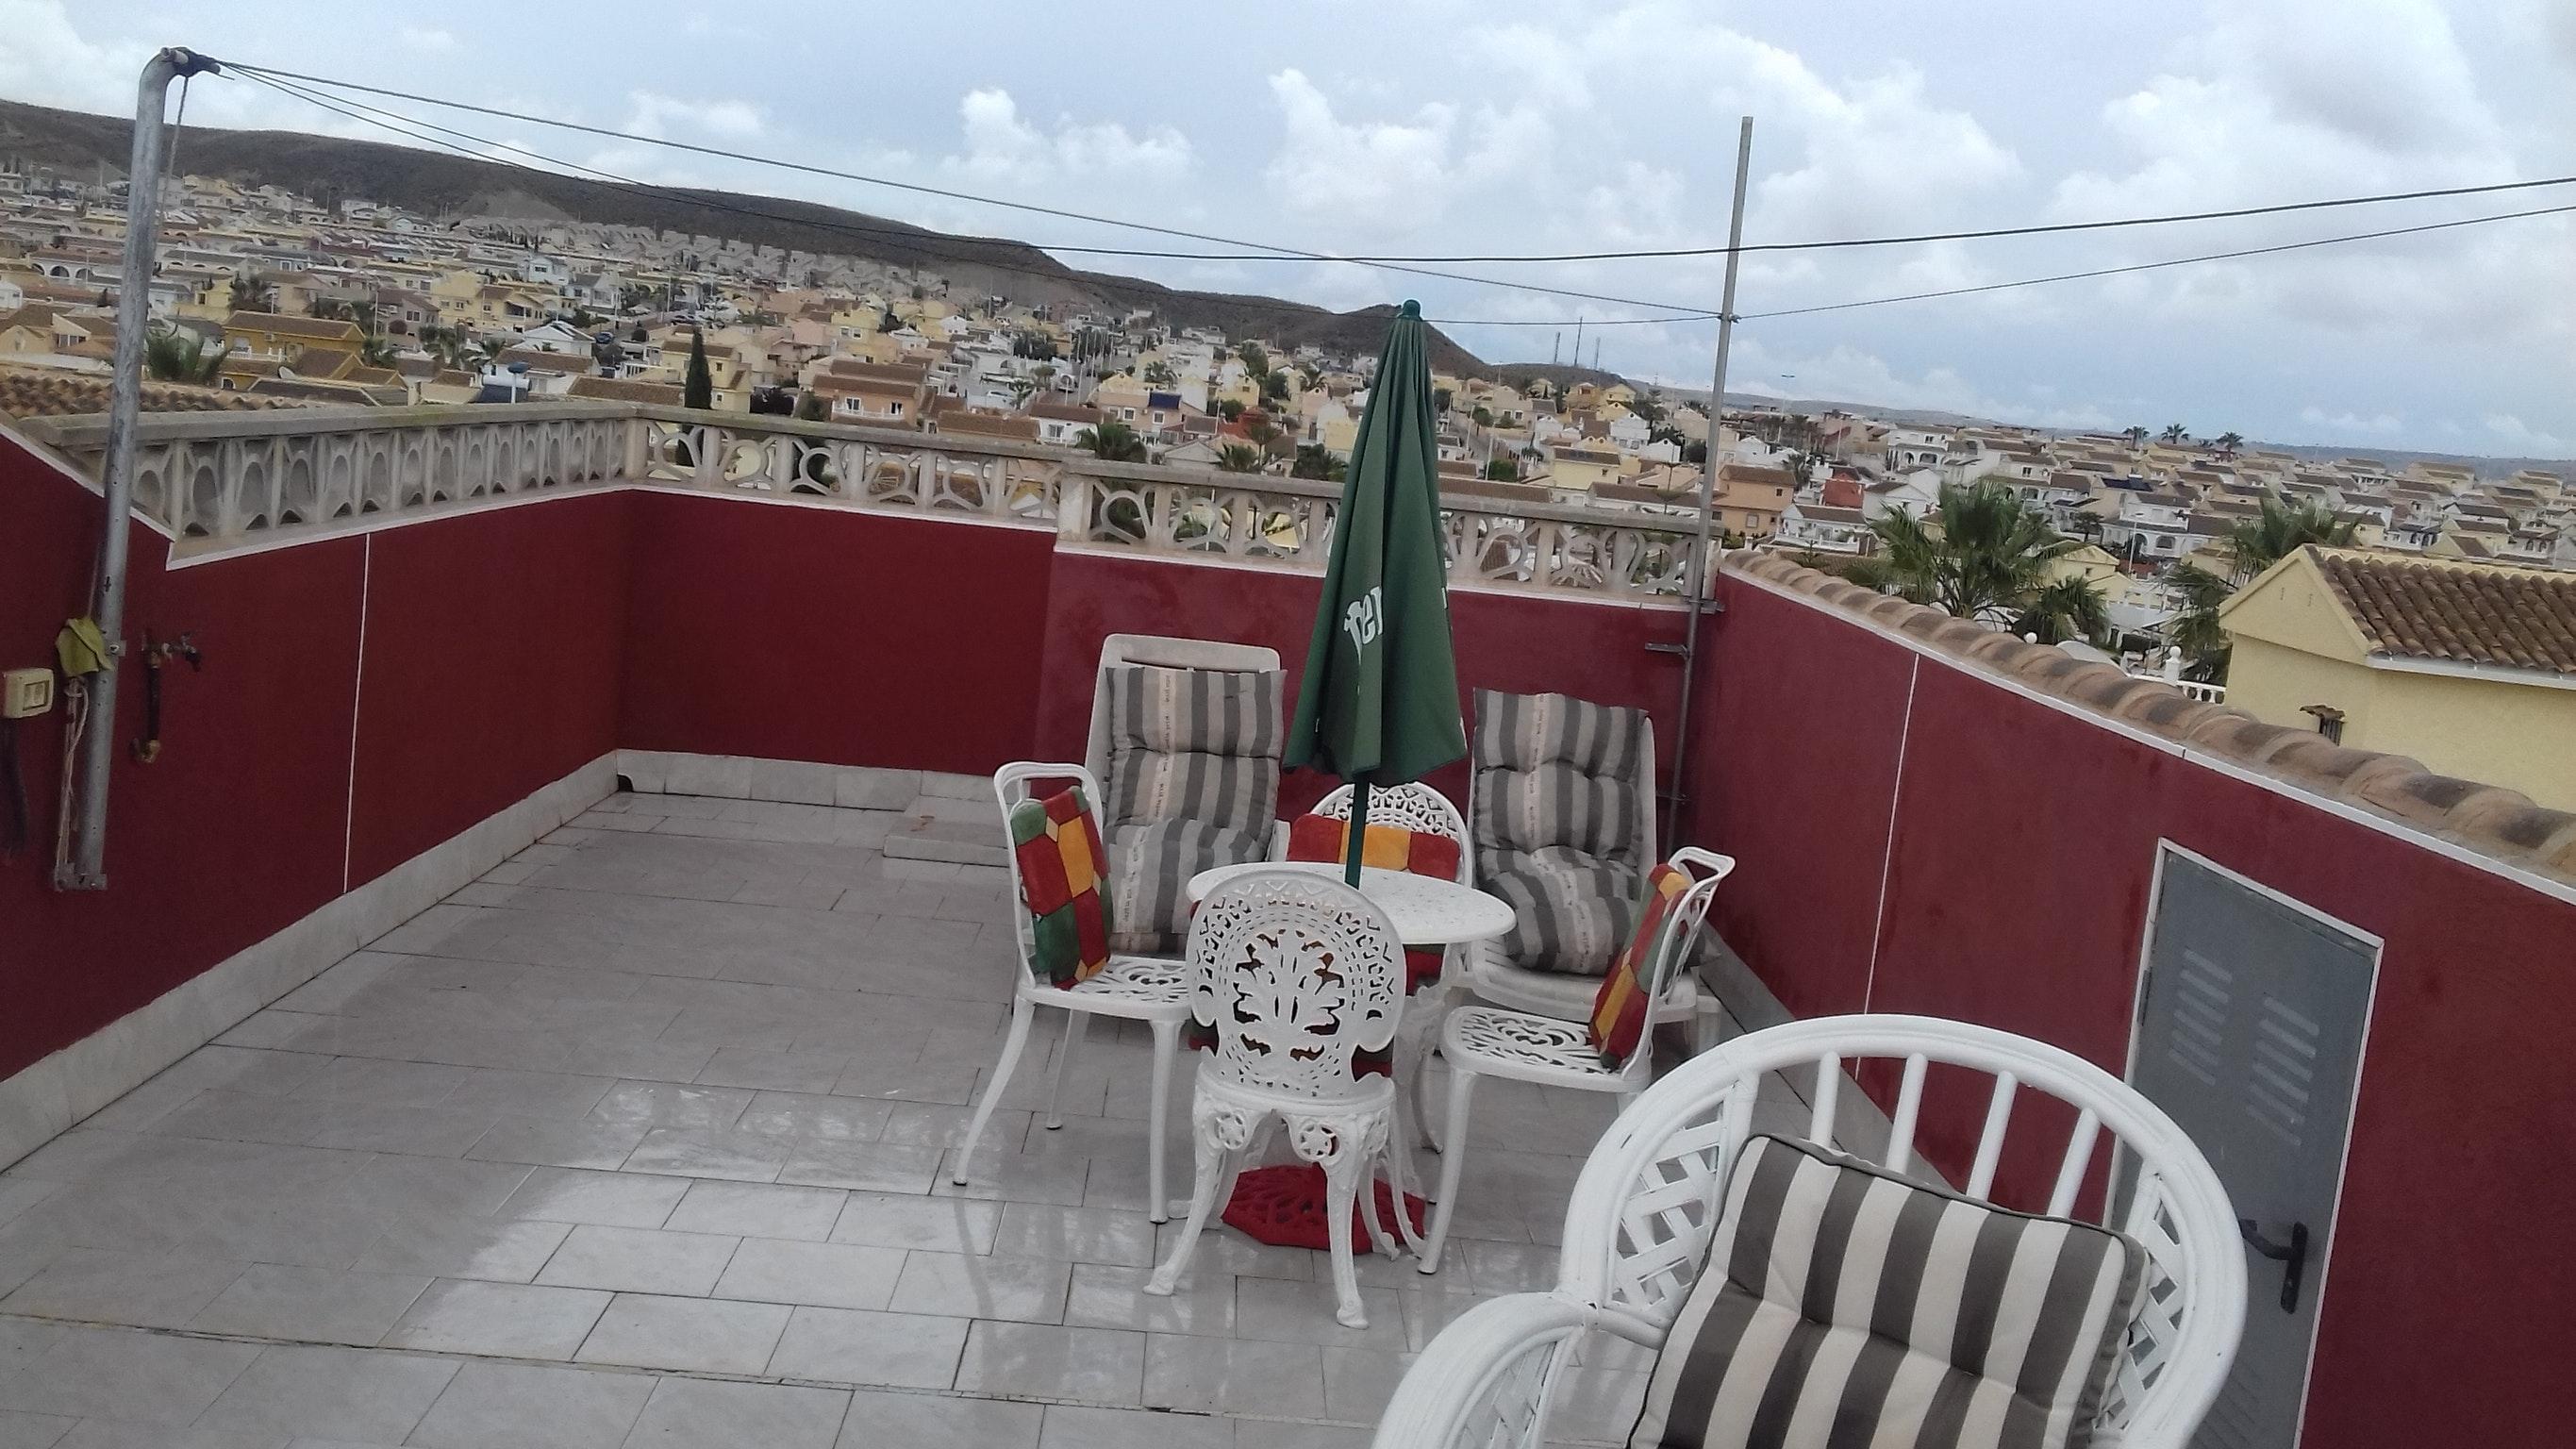 Maison de vacances Villa mit 2 Schlafzimmern in Mazarrón mit toller Aussicht auf die Berge, privatem Pool, ei (2632538), Mazarron, Costa Calida, Murcie, Espagne, image 44